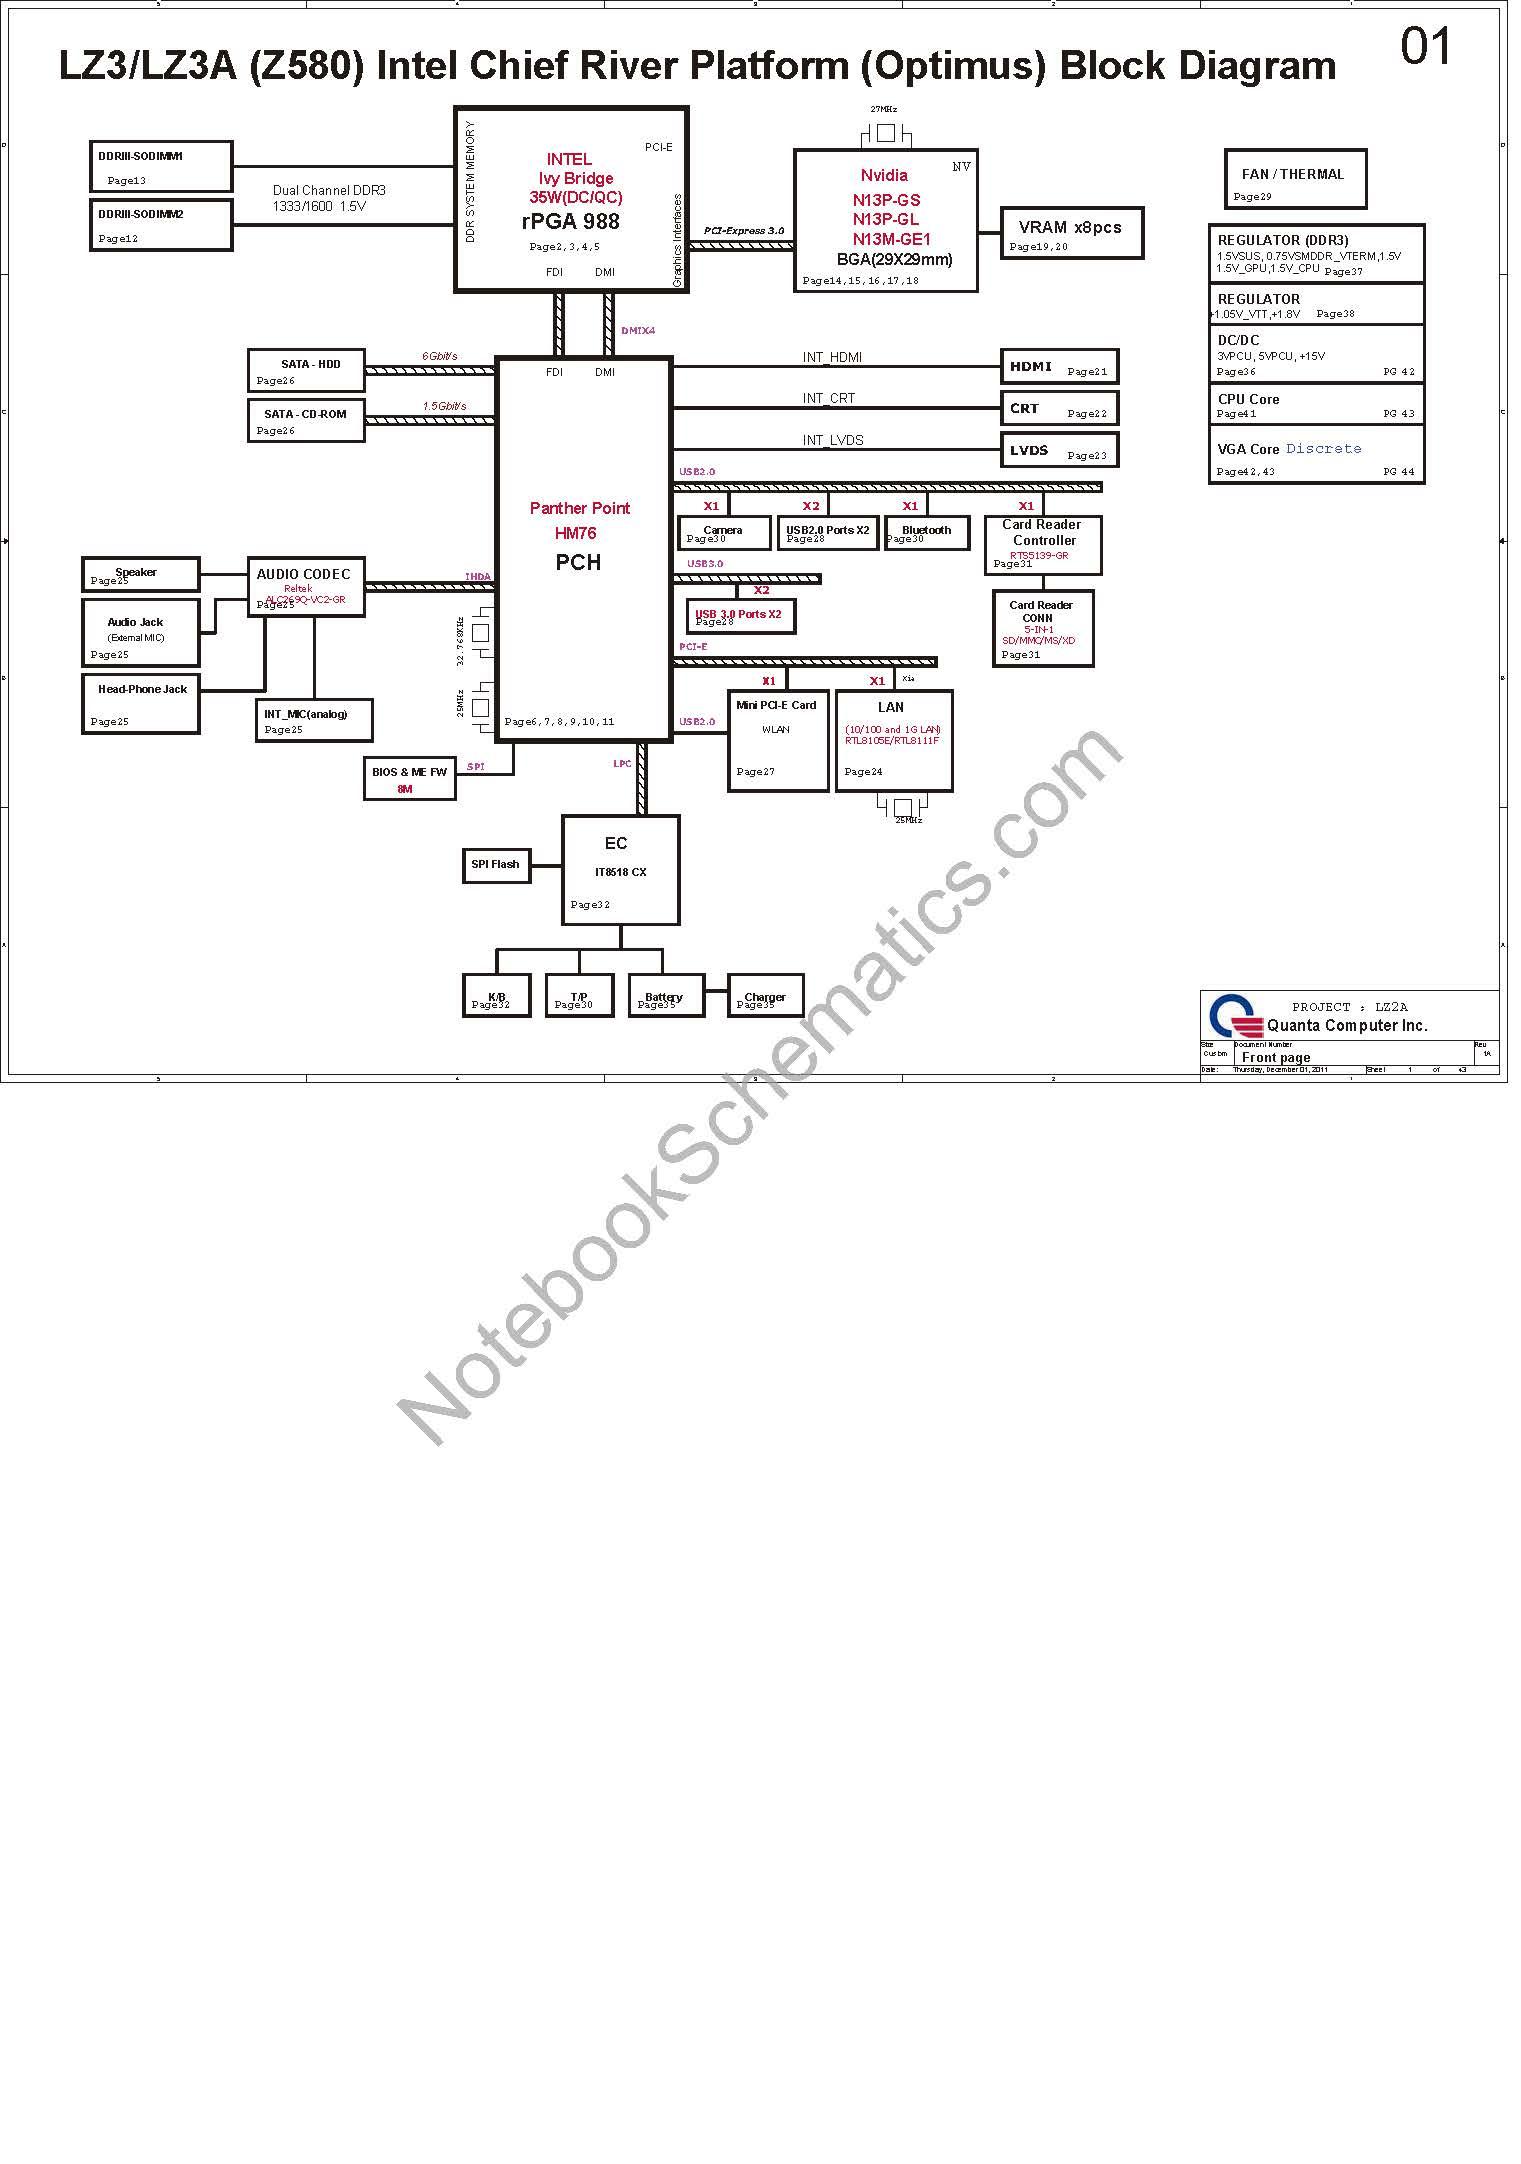 Lenovo Ideapad Z580 Schematic Da0lz3mb6g0 Dalz3amb8e0